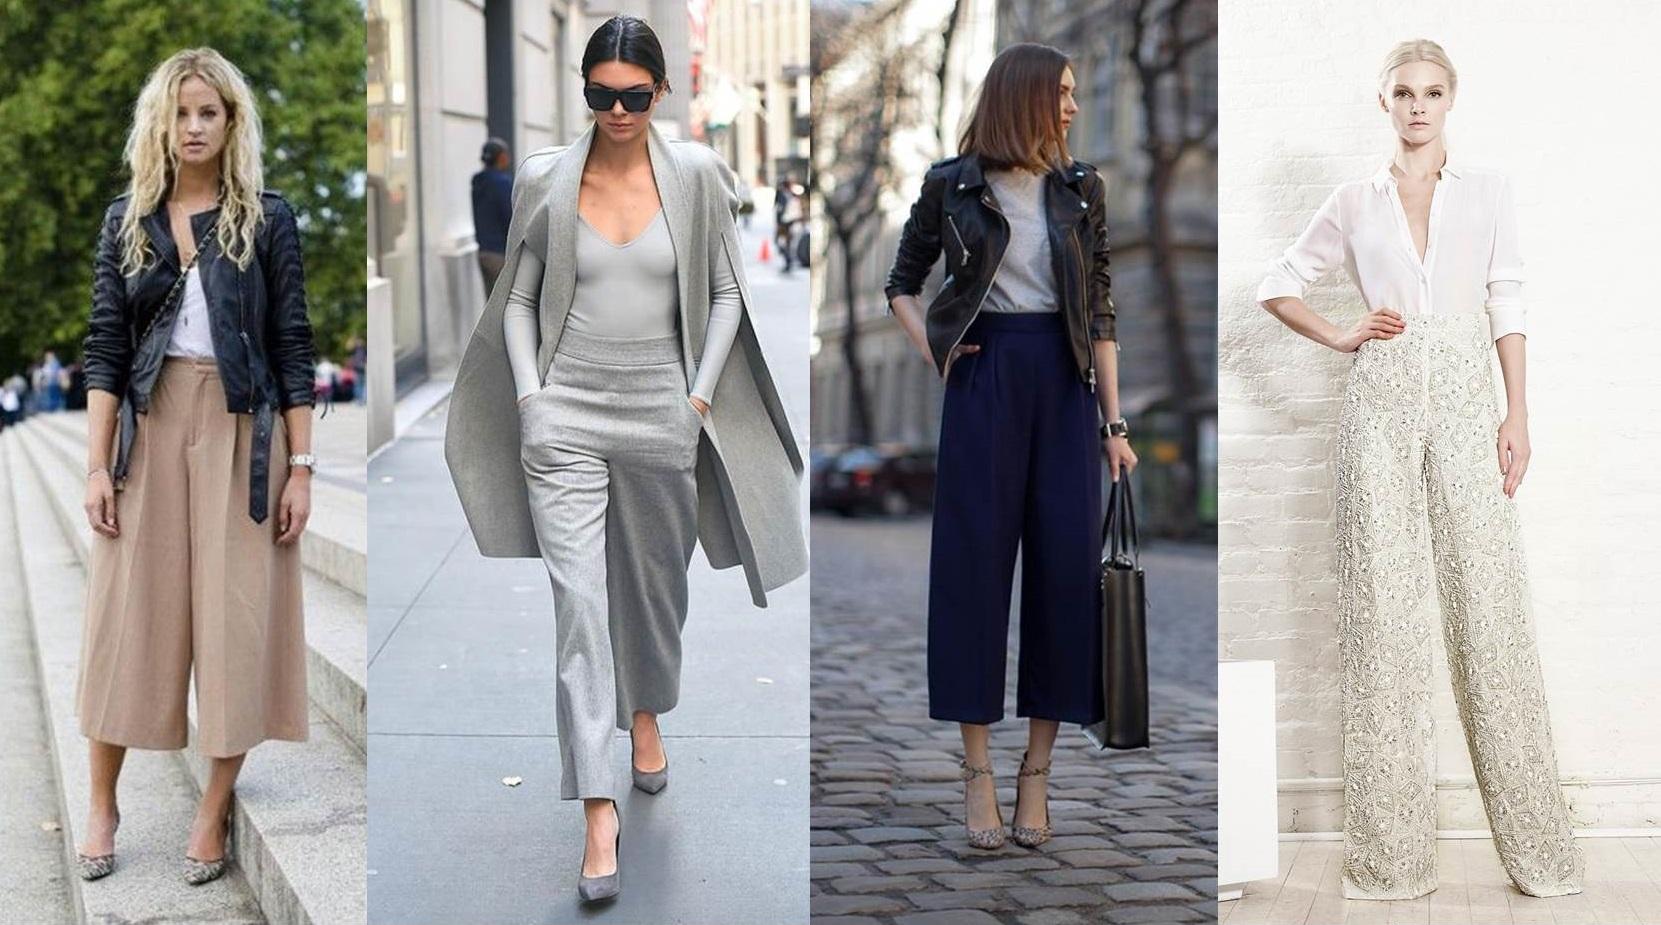 Pantaloni a palazzo  come indossarli e abbinarli  FOTO   e2ffb6521dc9